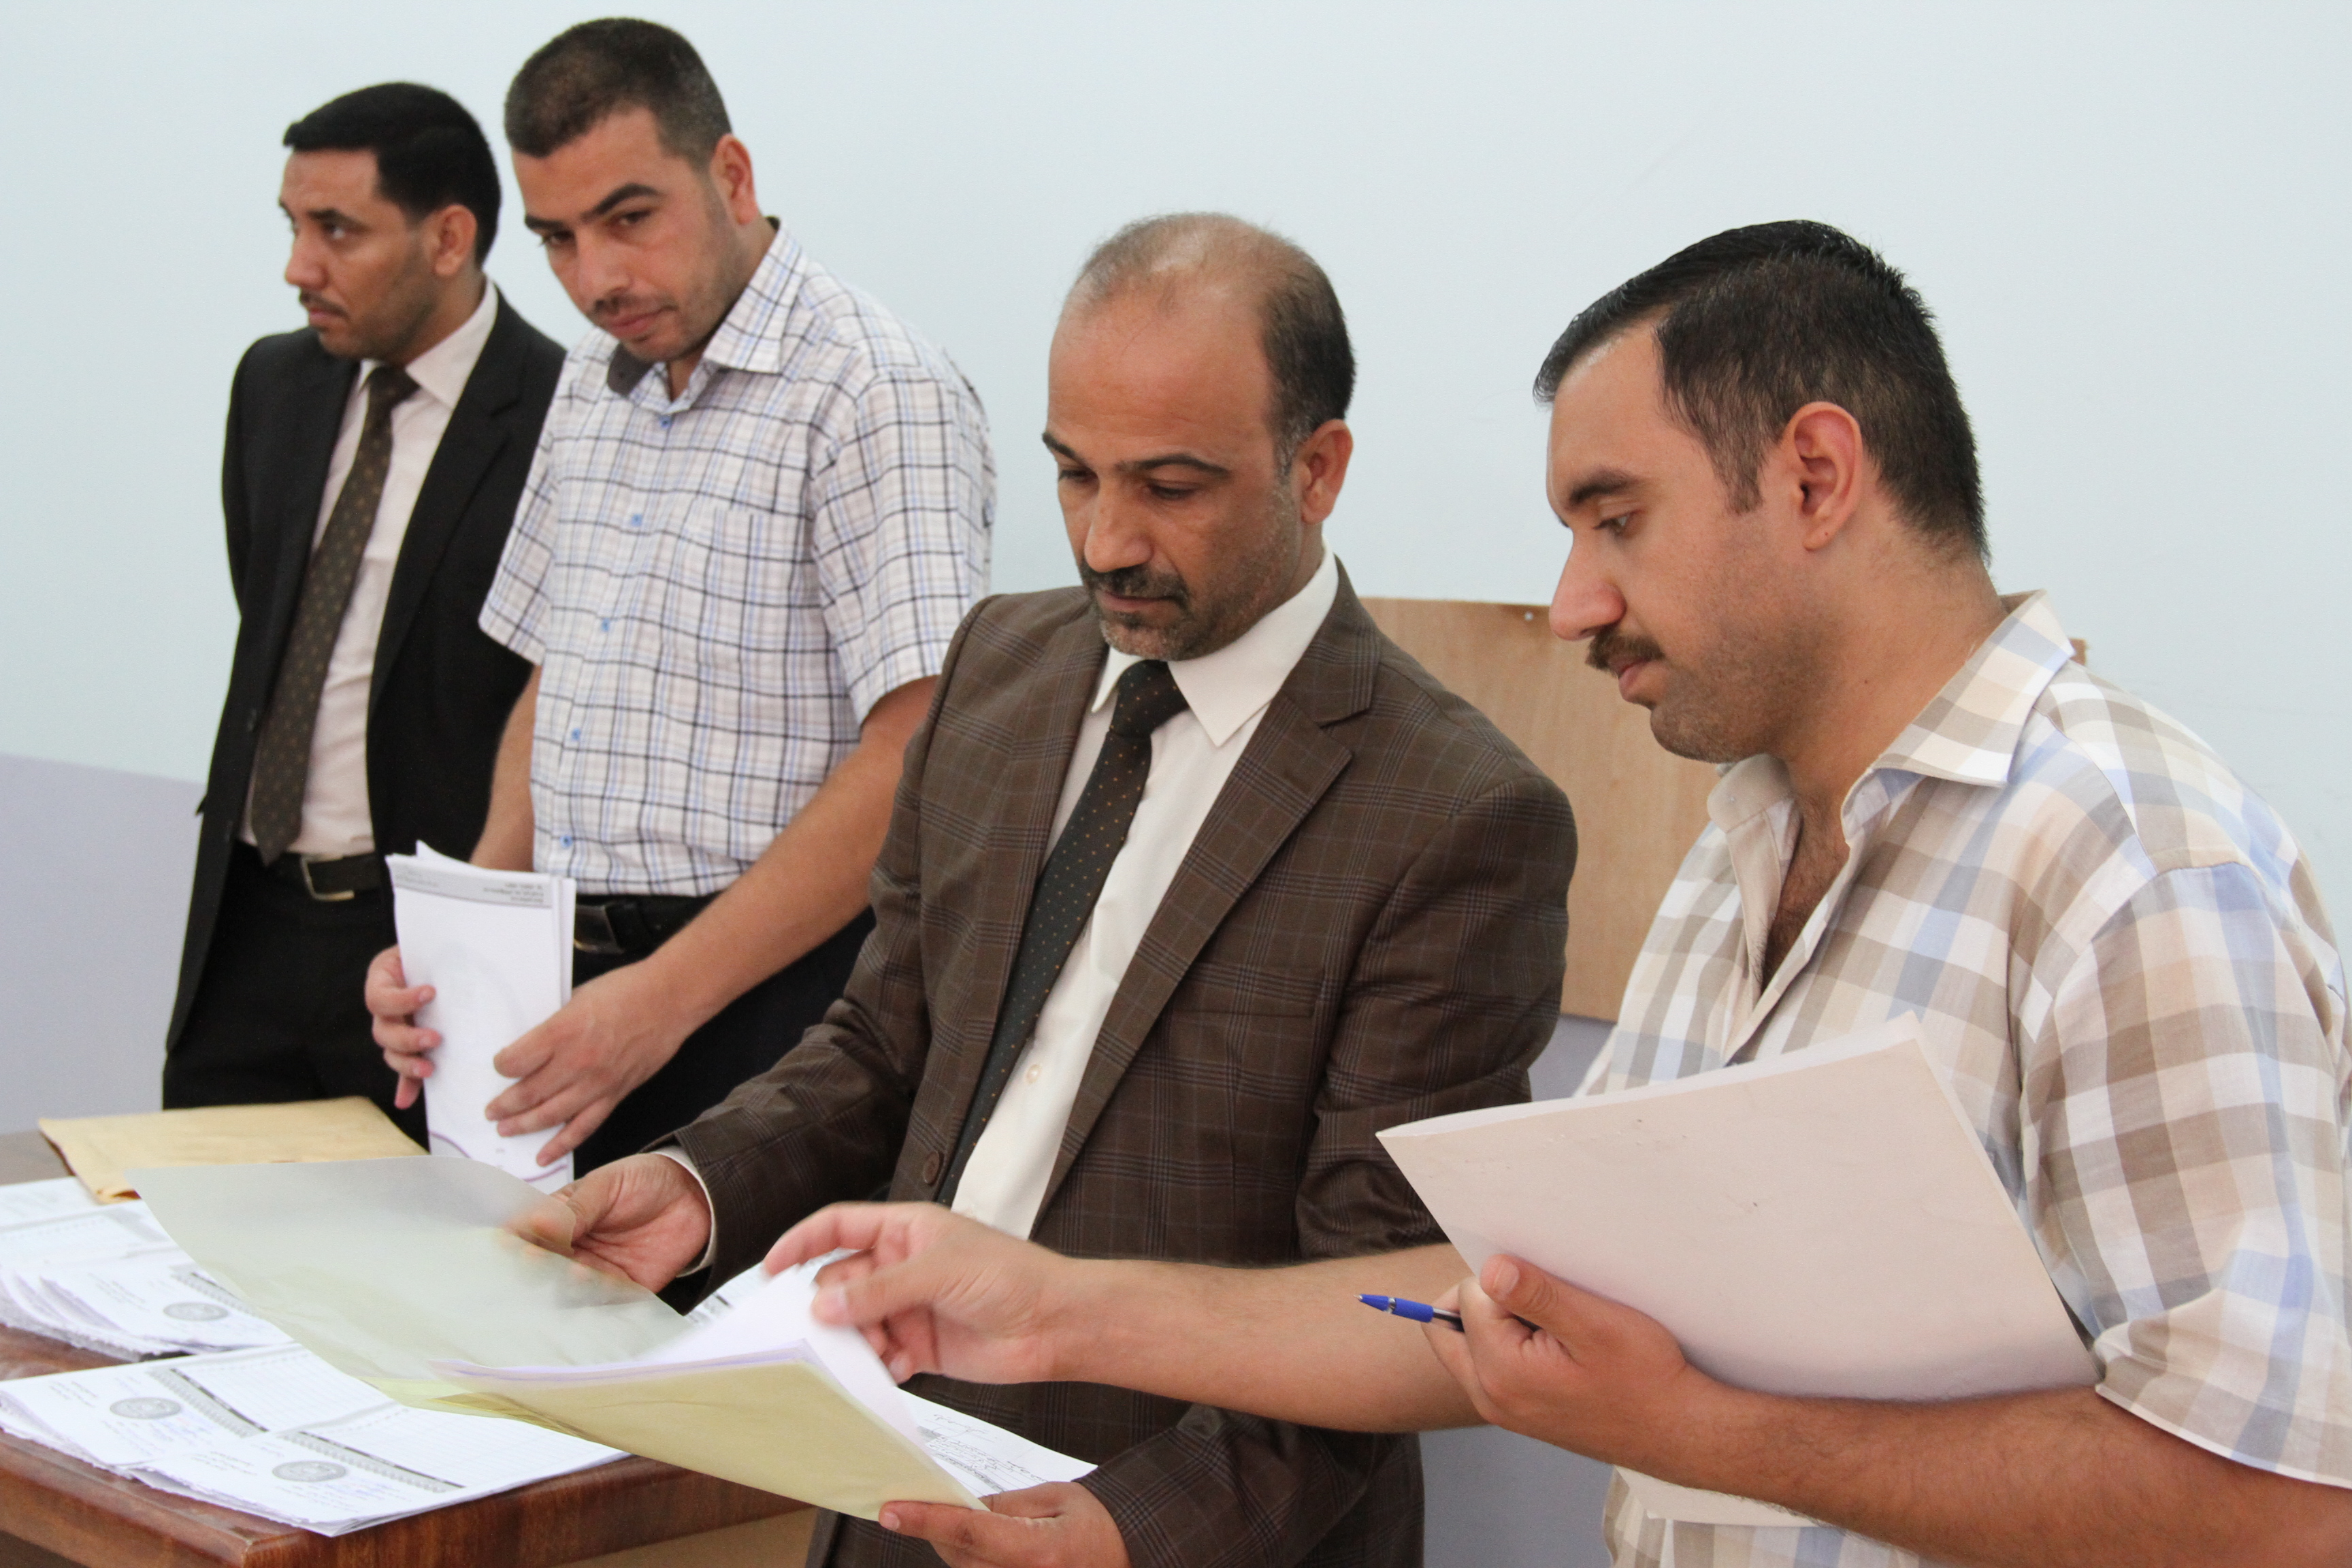 زيارة السيد ممثل جهاز الاشراف والتقويم العلمي في وزارة التعليم العالي والبحث العلمي